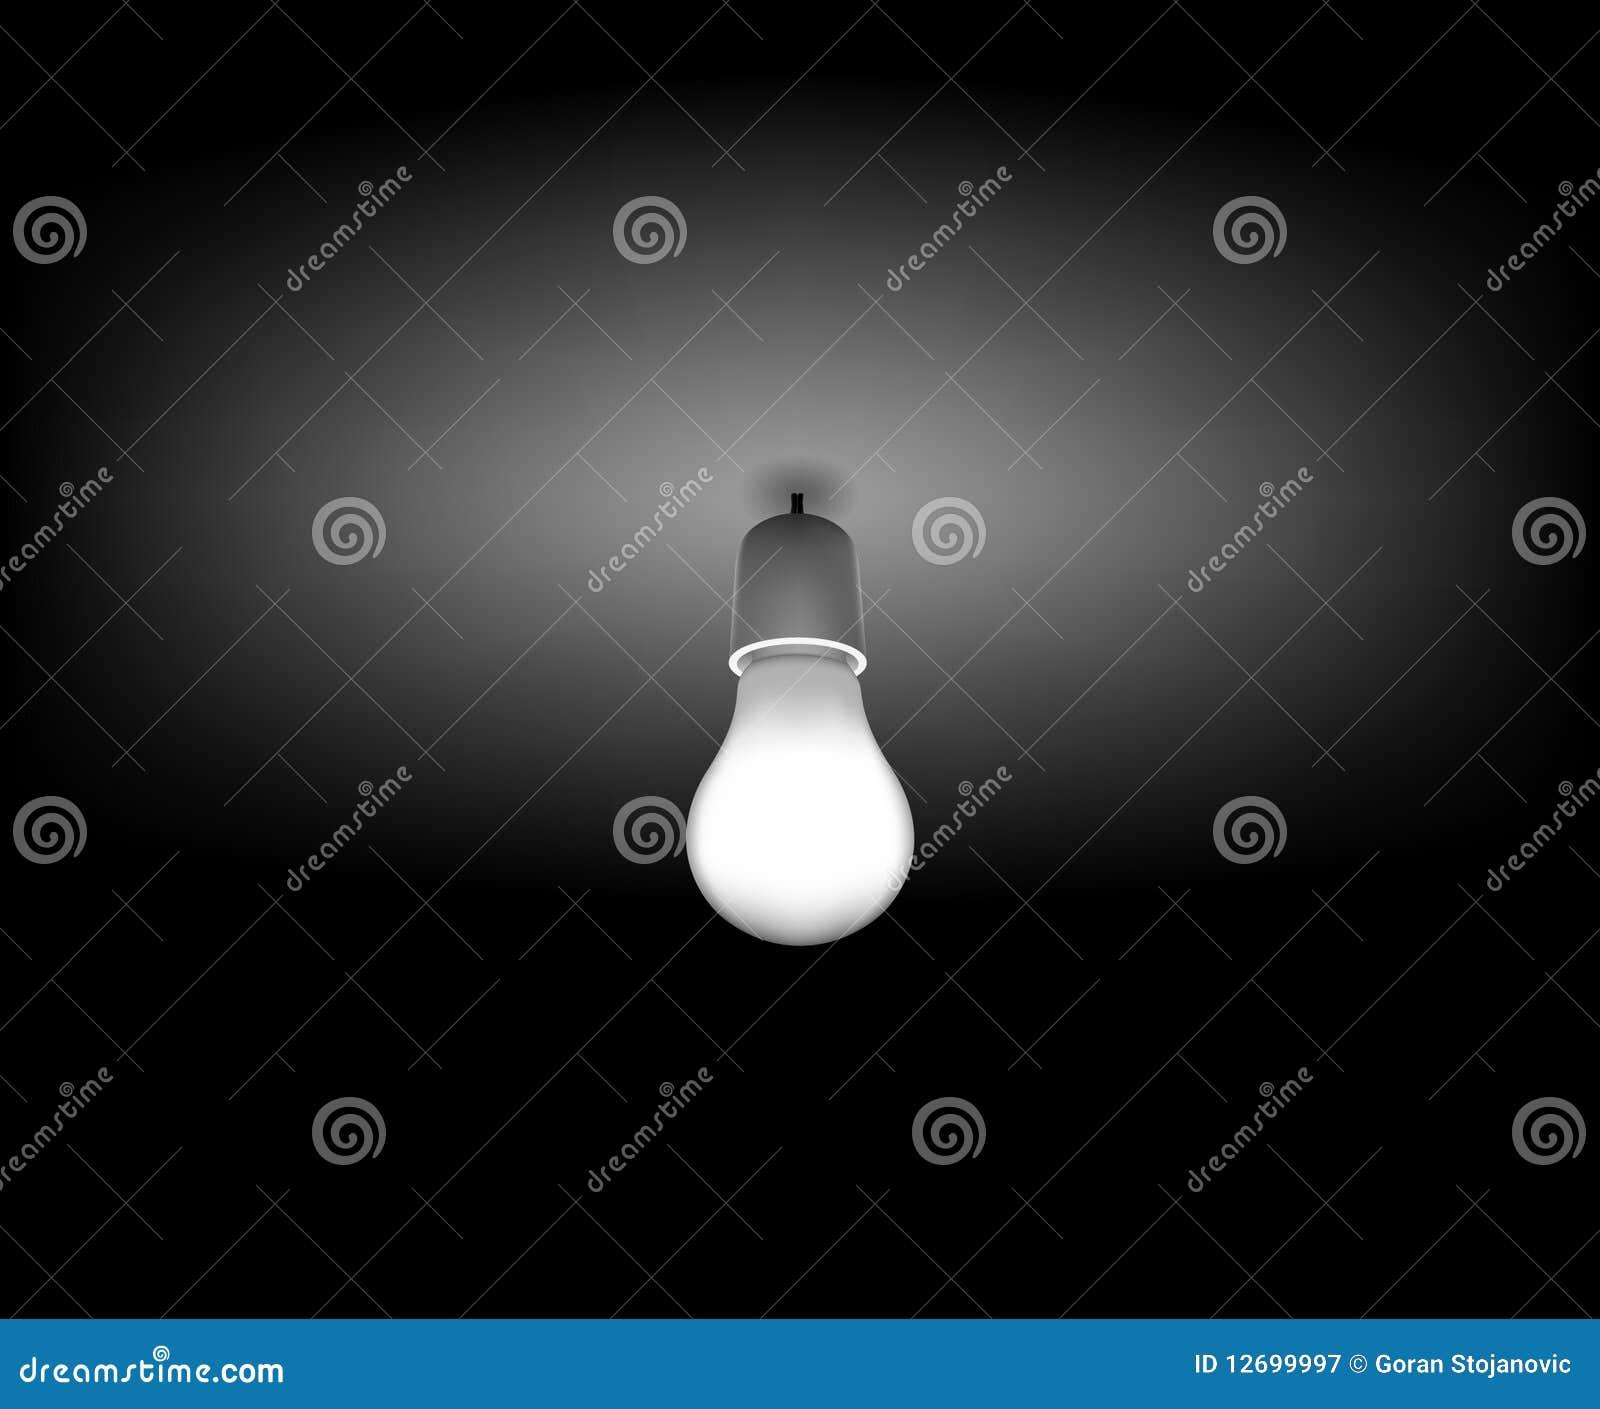 Vector la bombilla cl sica en el cuarto oscuro fotograf a for Cuarto oscuro fotografia